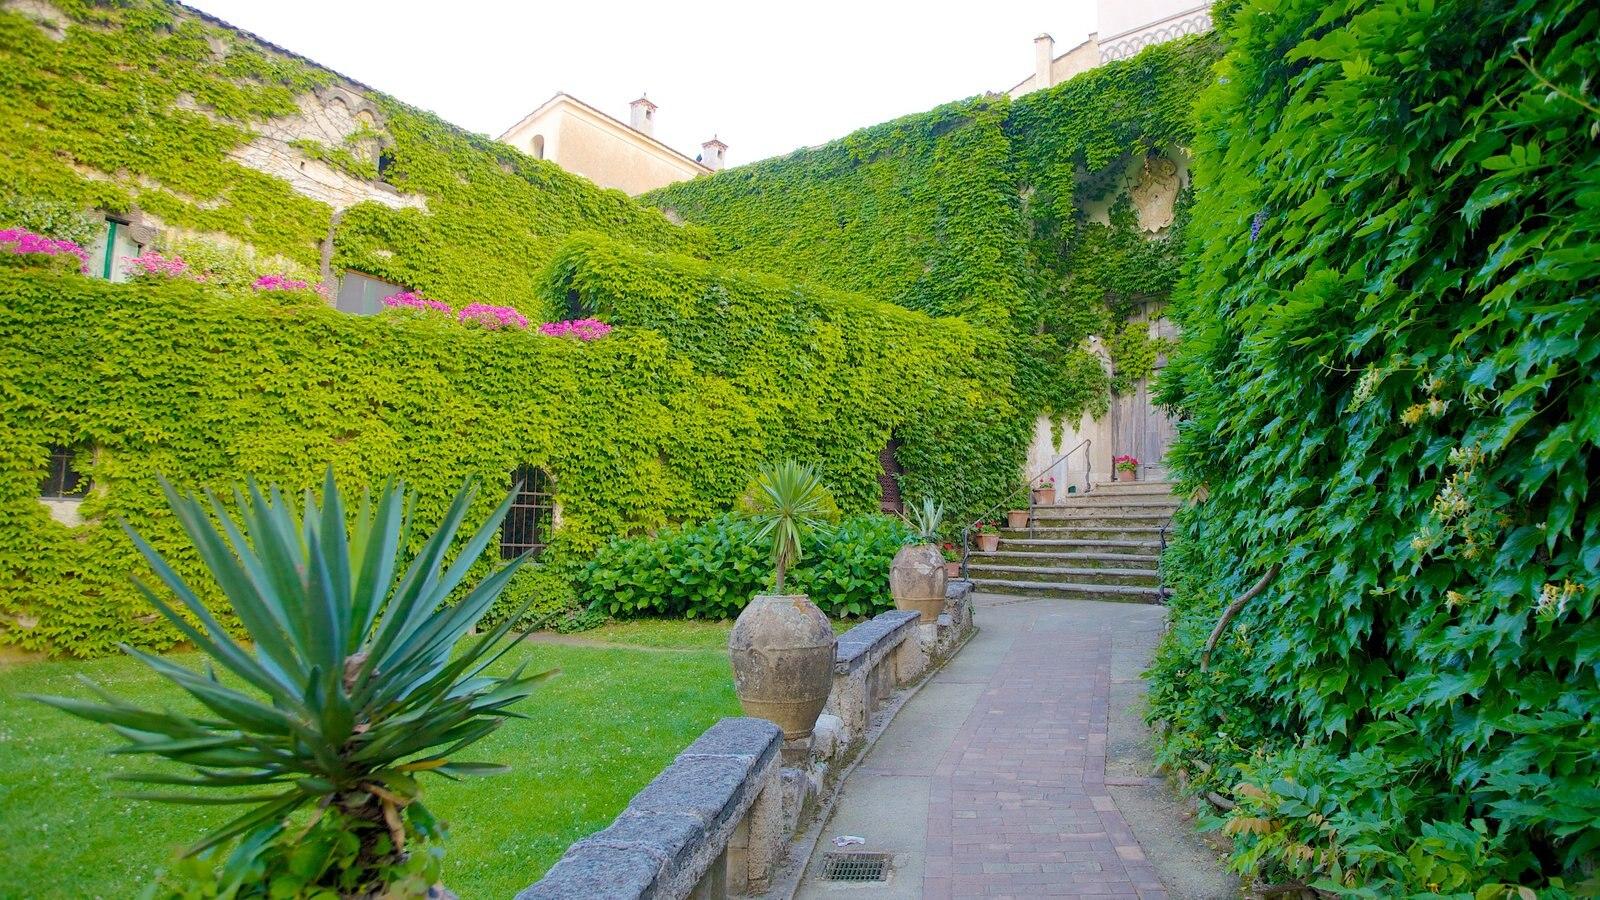 Costa de Amalfi mostrando uma cidade e um jardim